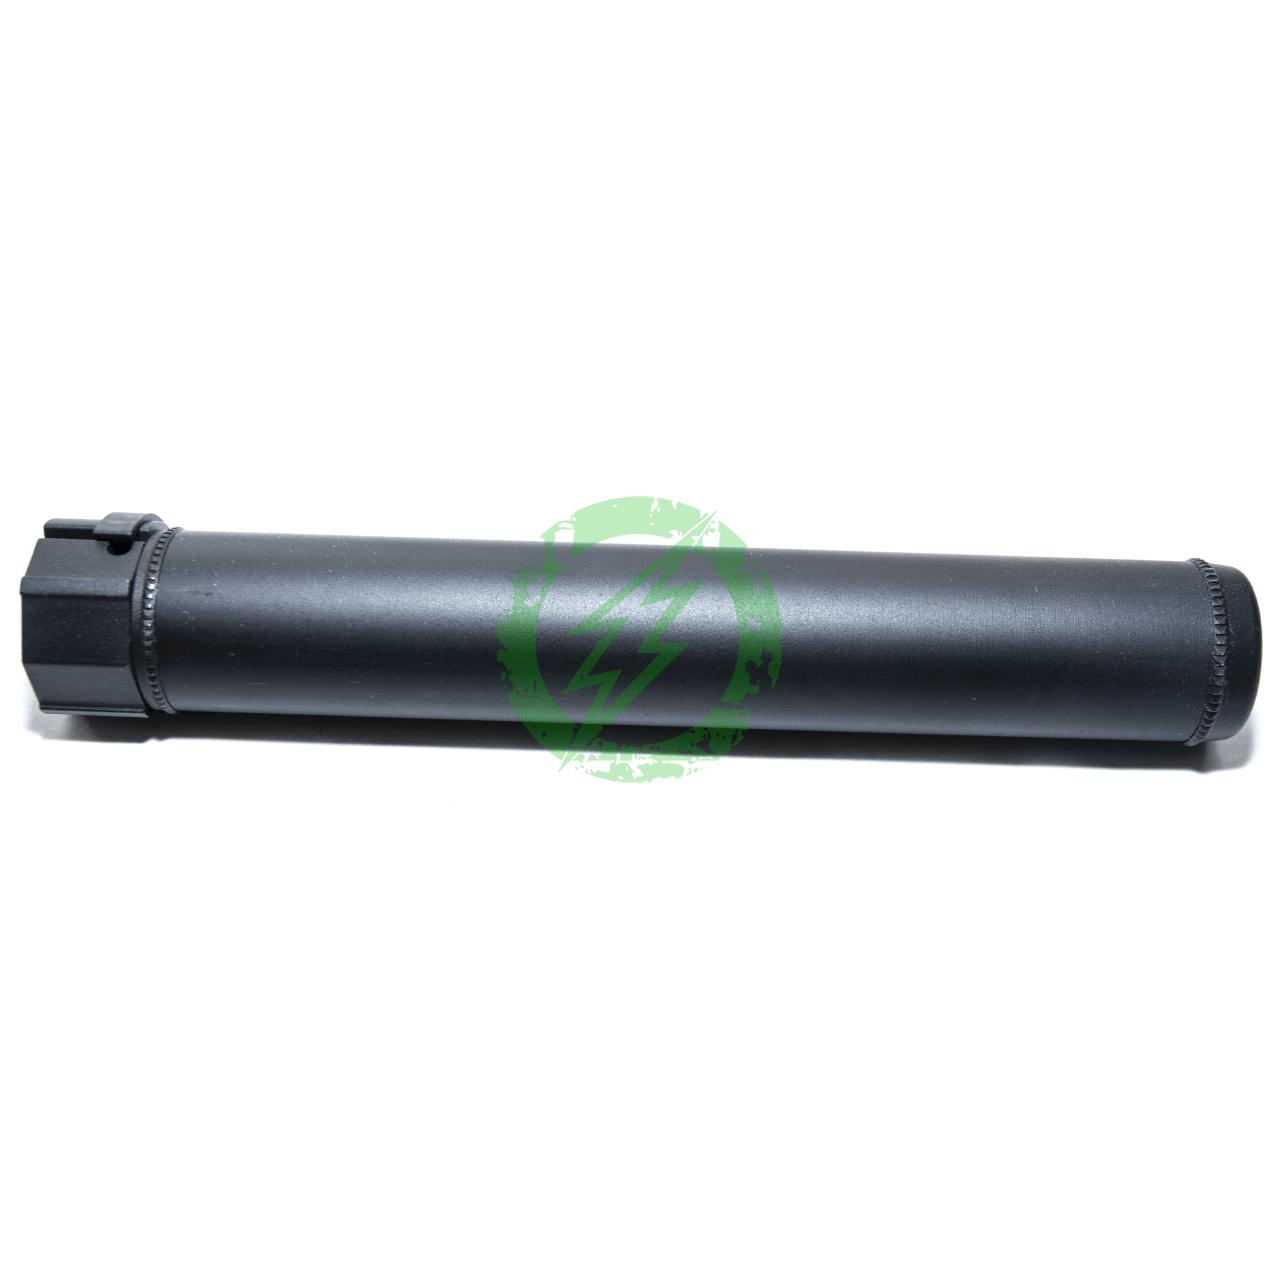 5KU SOCOM 762SS Metal QD Mock Suppressor w/ Flash Hider